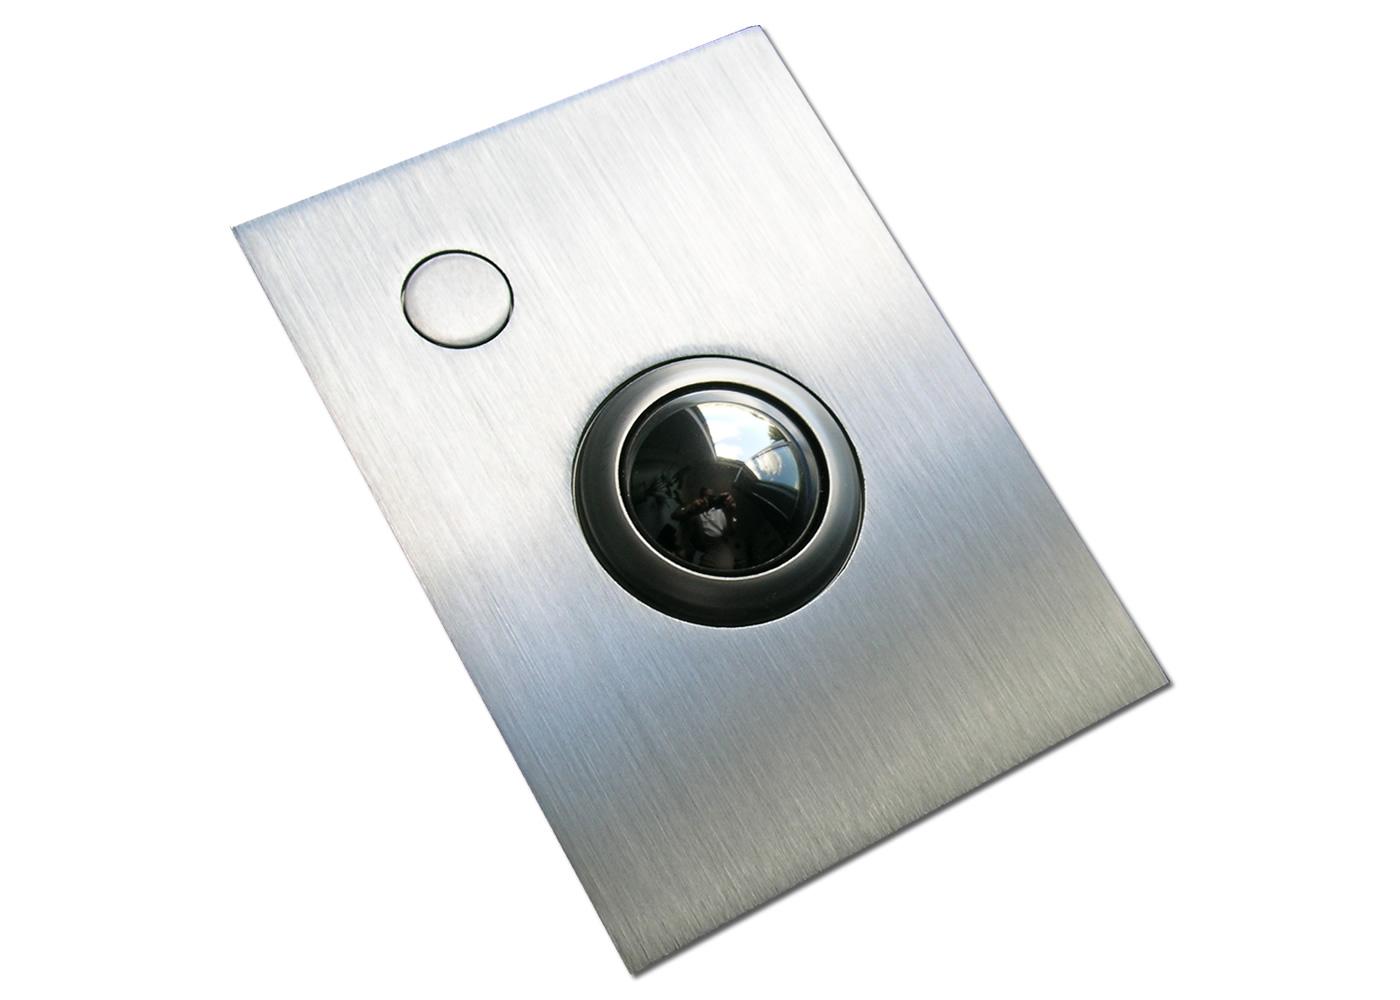 Trackball 38mm industrielle 1 bouton face avant inox intégrable en panneau par l'avant